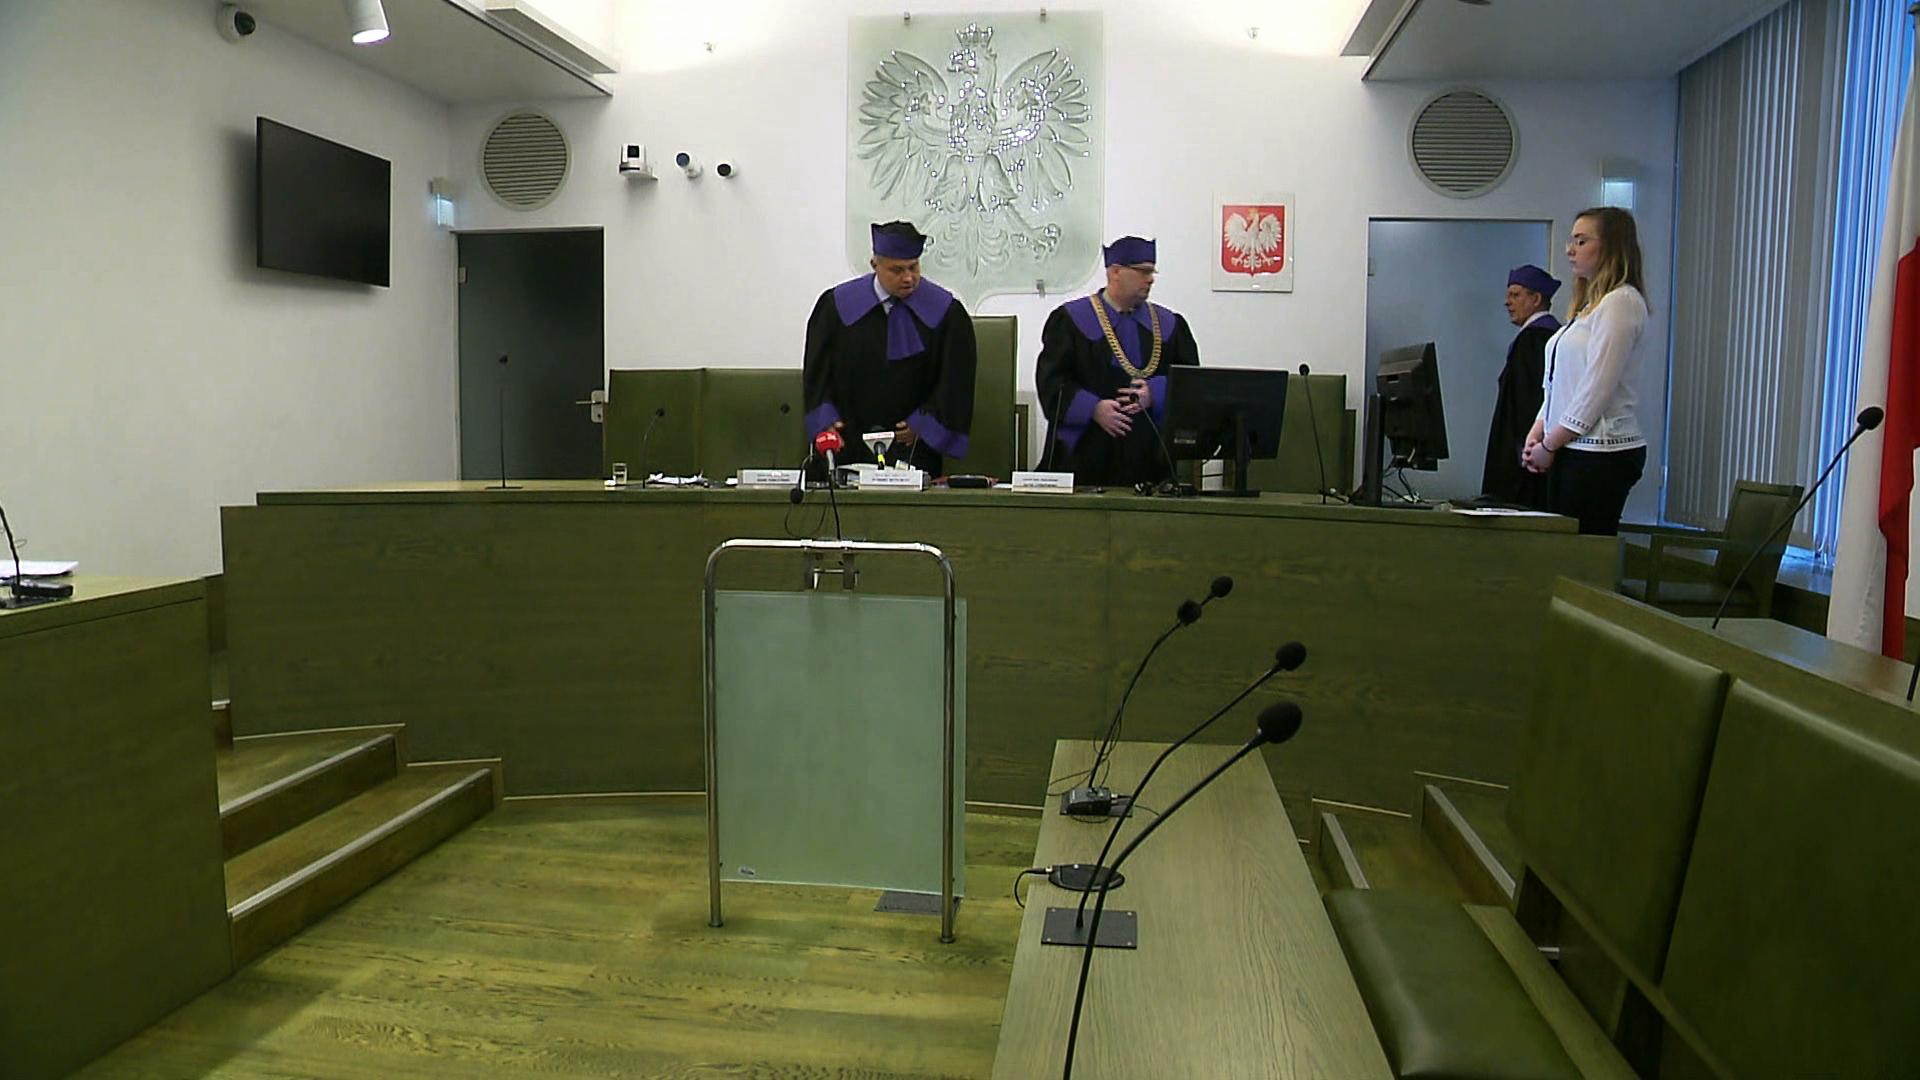 TSUE zawiesza Izbę Dyscyplinarną Sądu Najwyższego